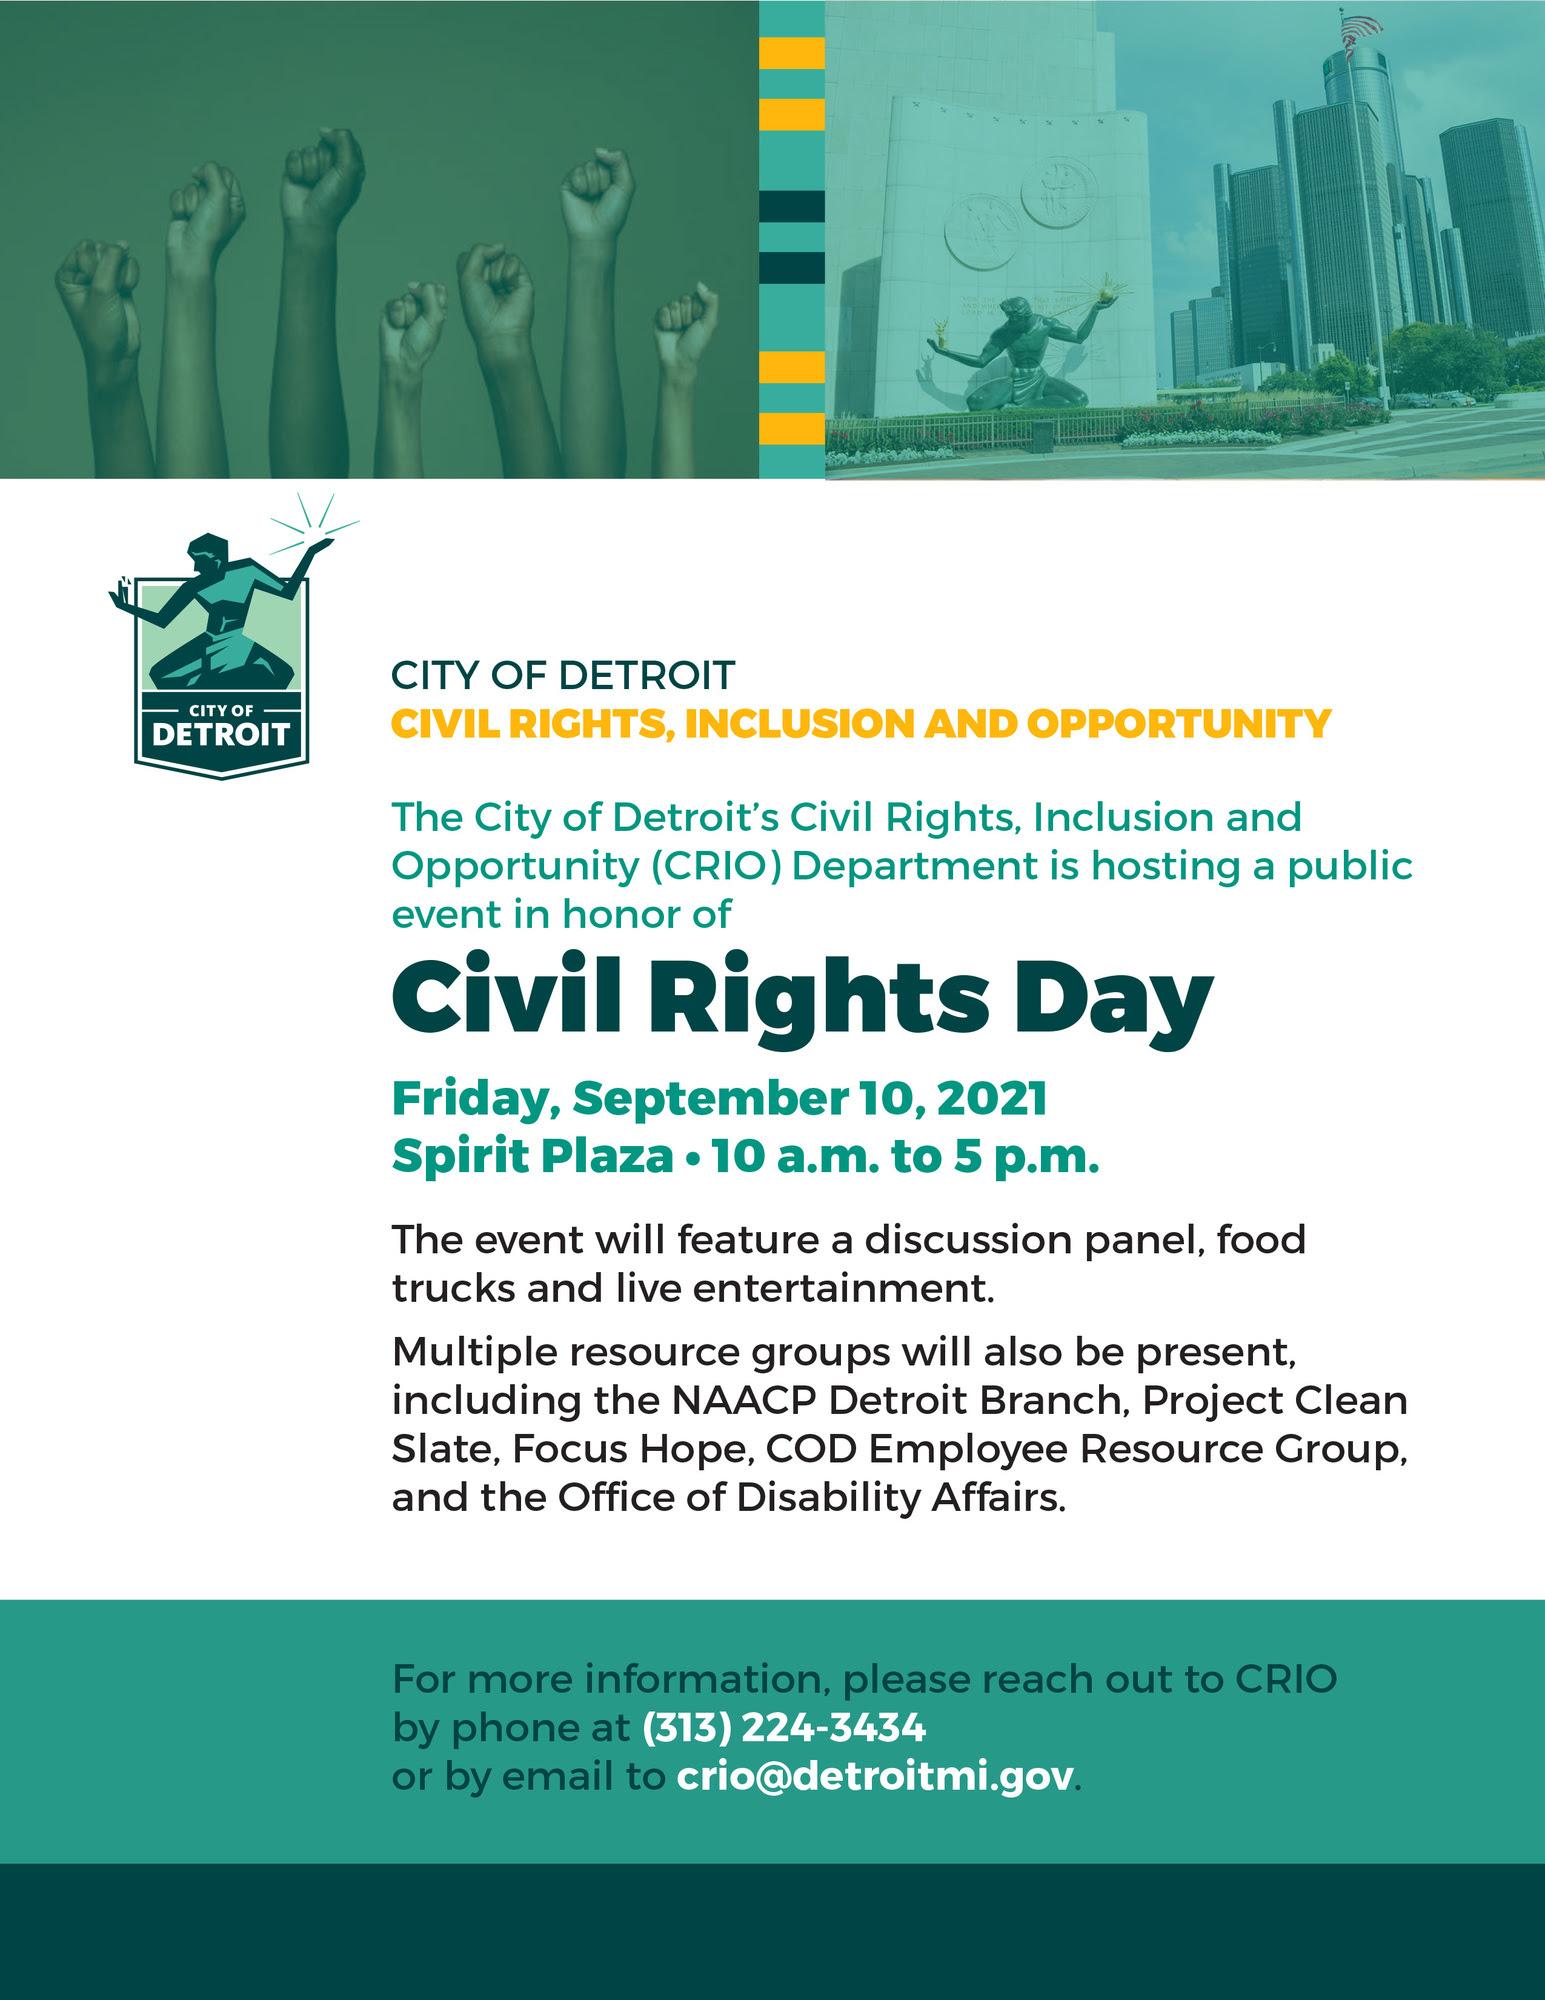 CRIO Civil Rights Day event